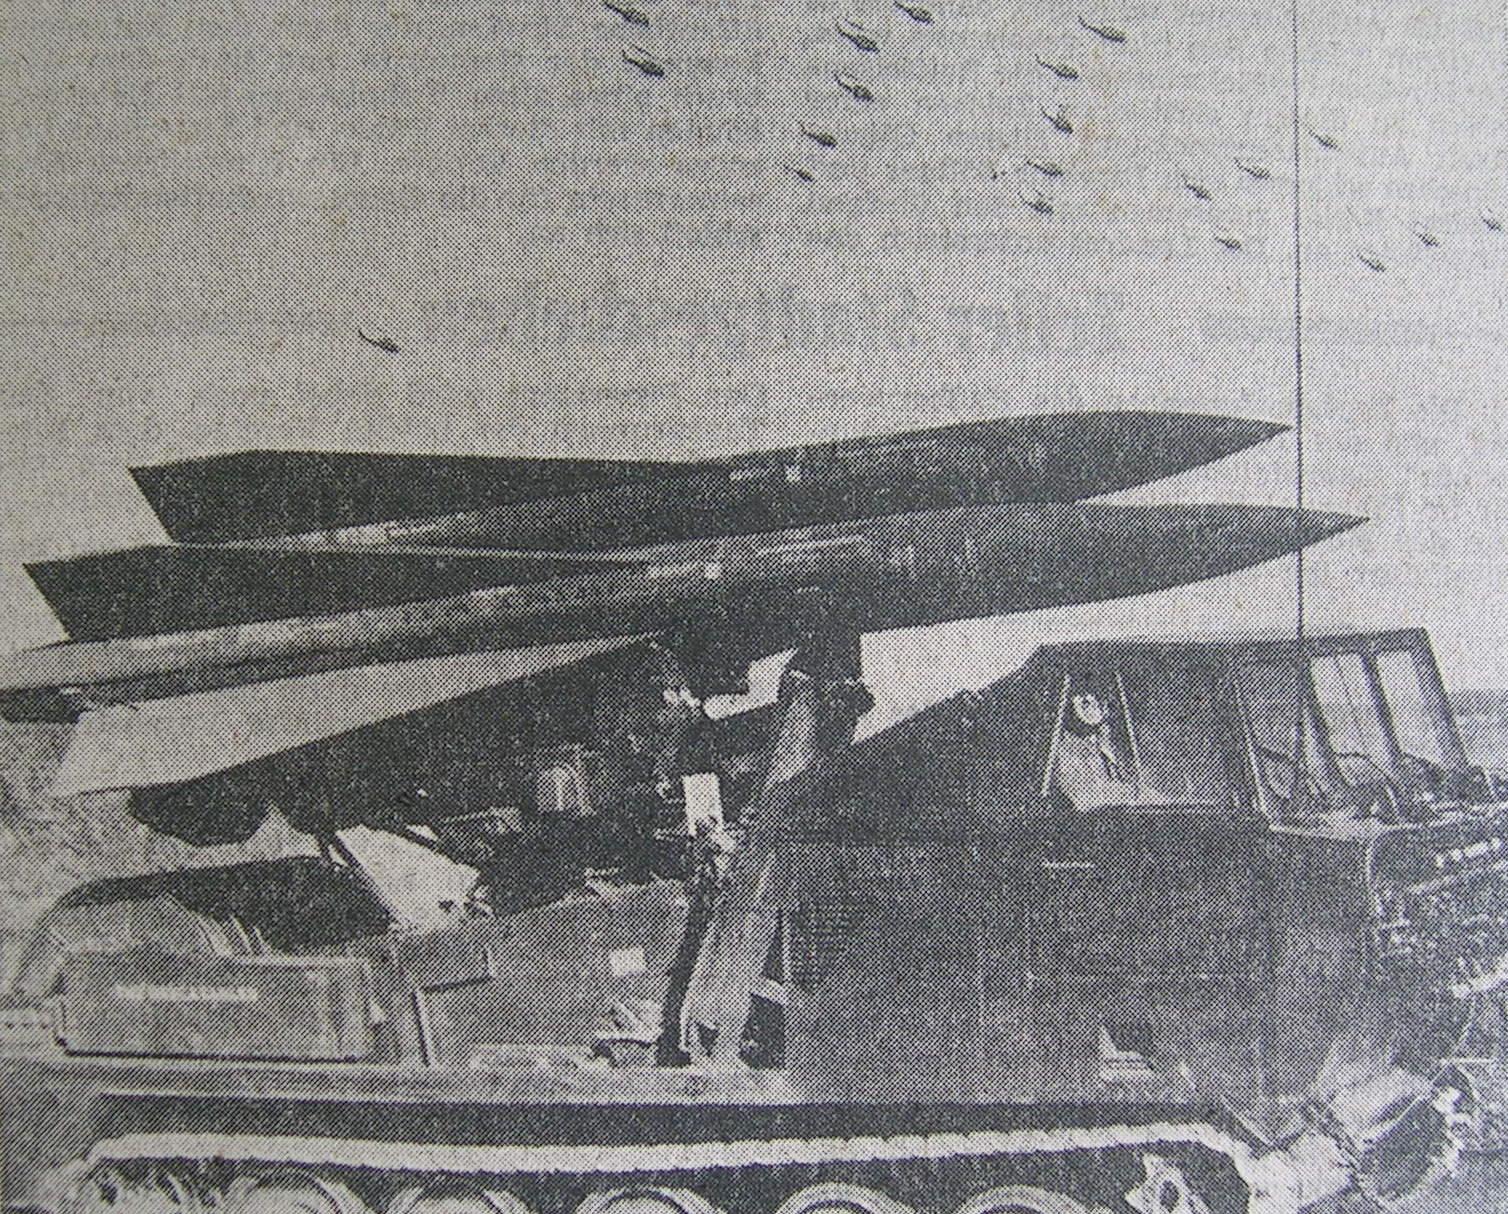 Flugabwehrraketenpanzer in Stellung